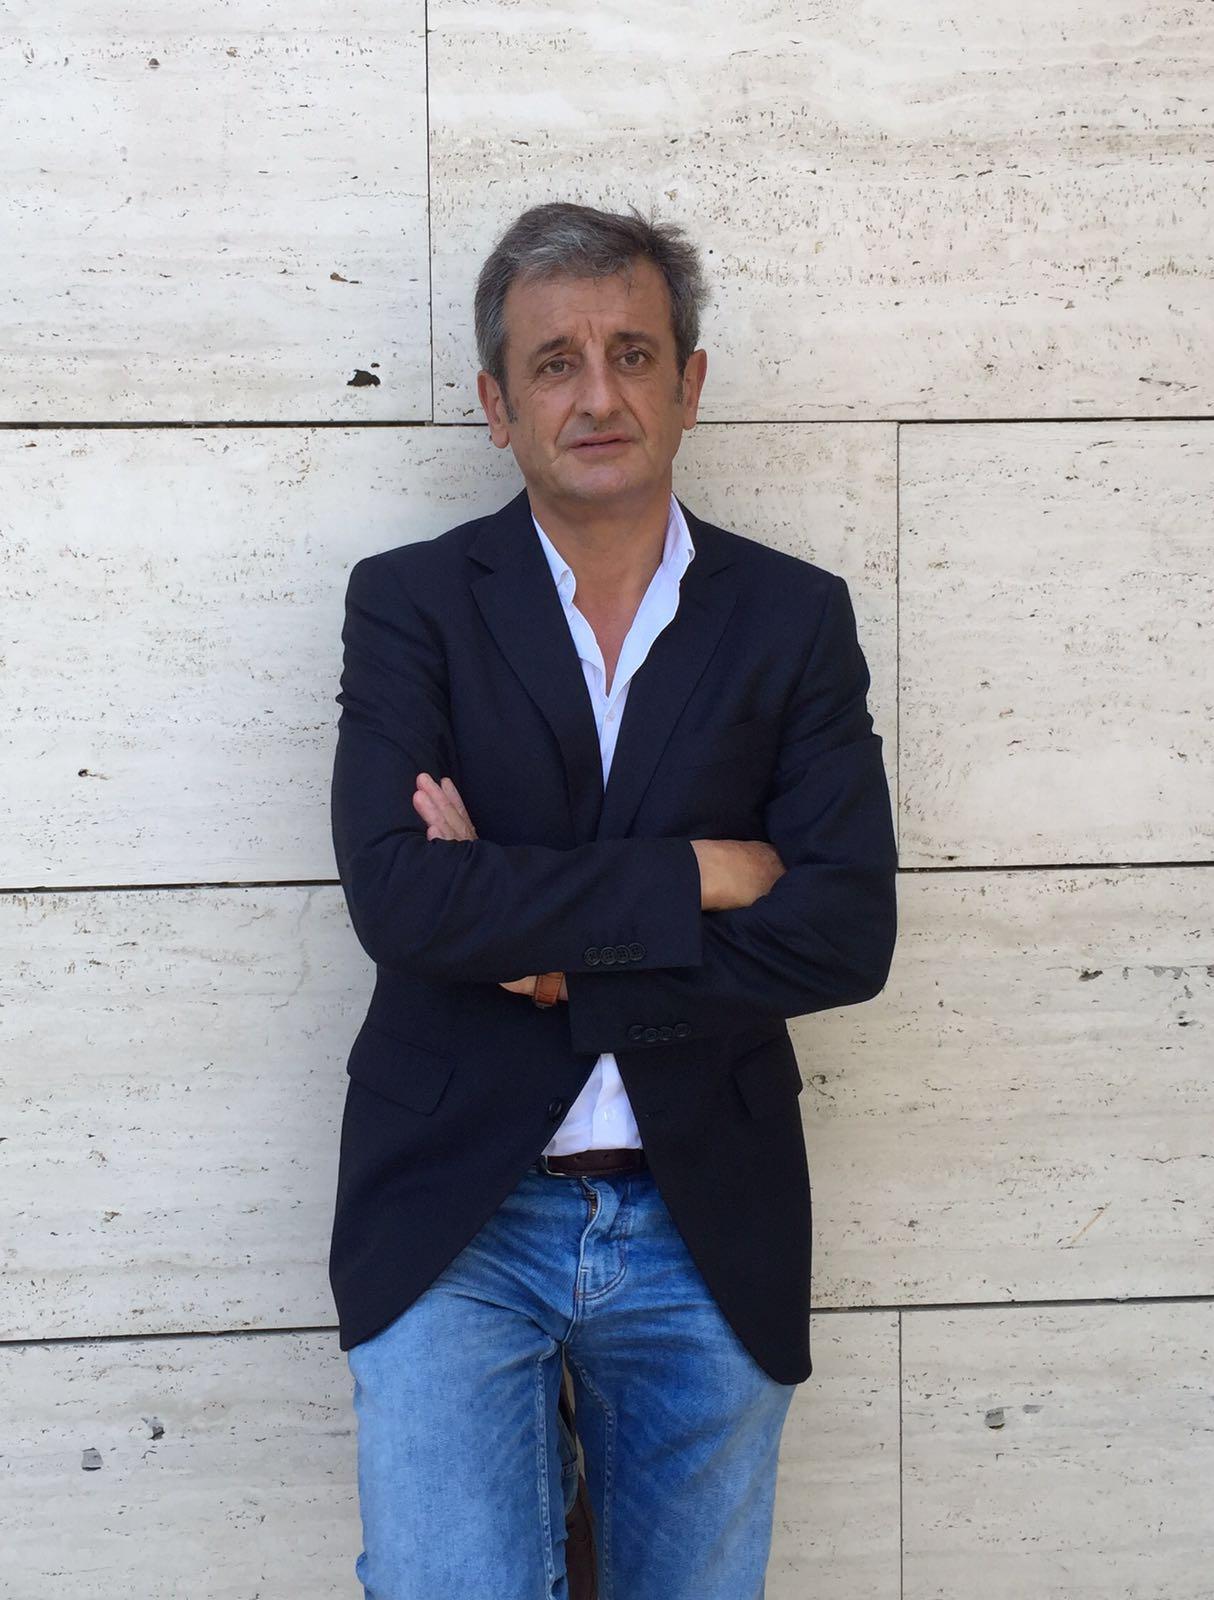 El expioloto Luis Moya, en una imagen actual (cedida).